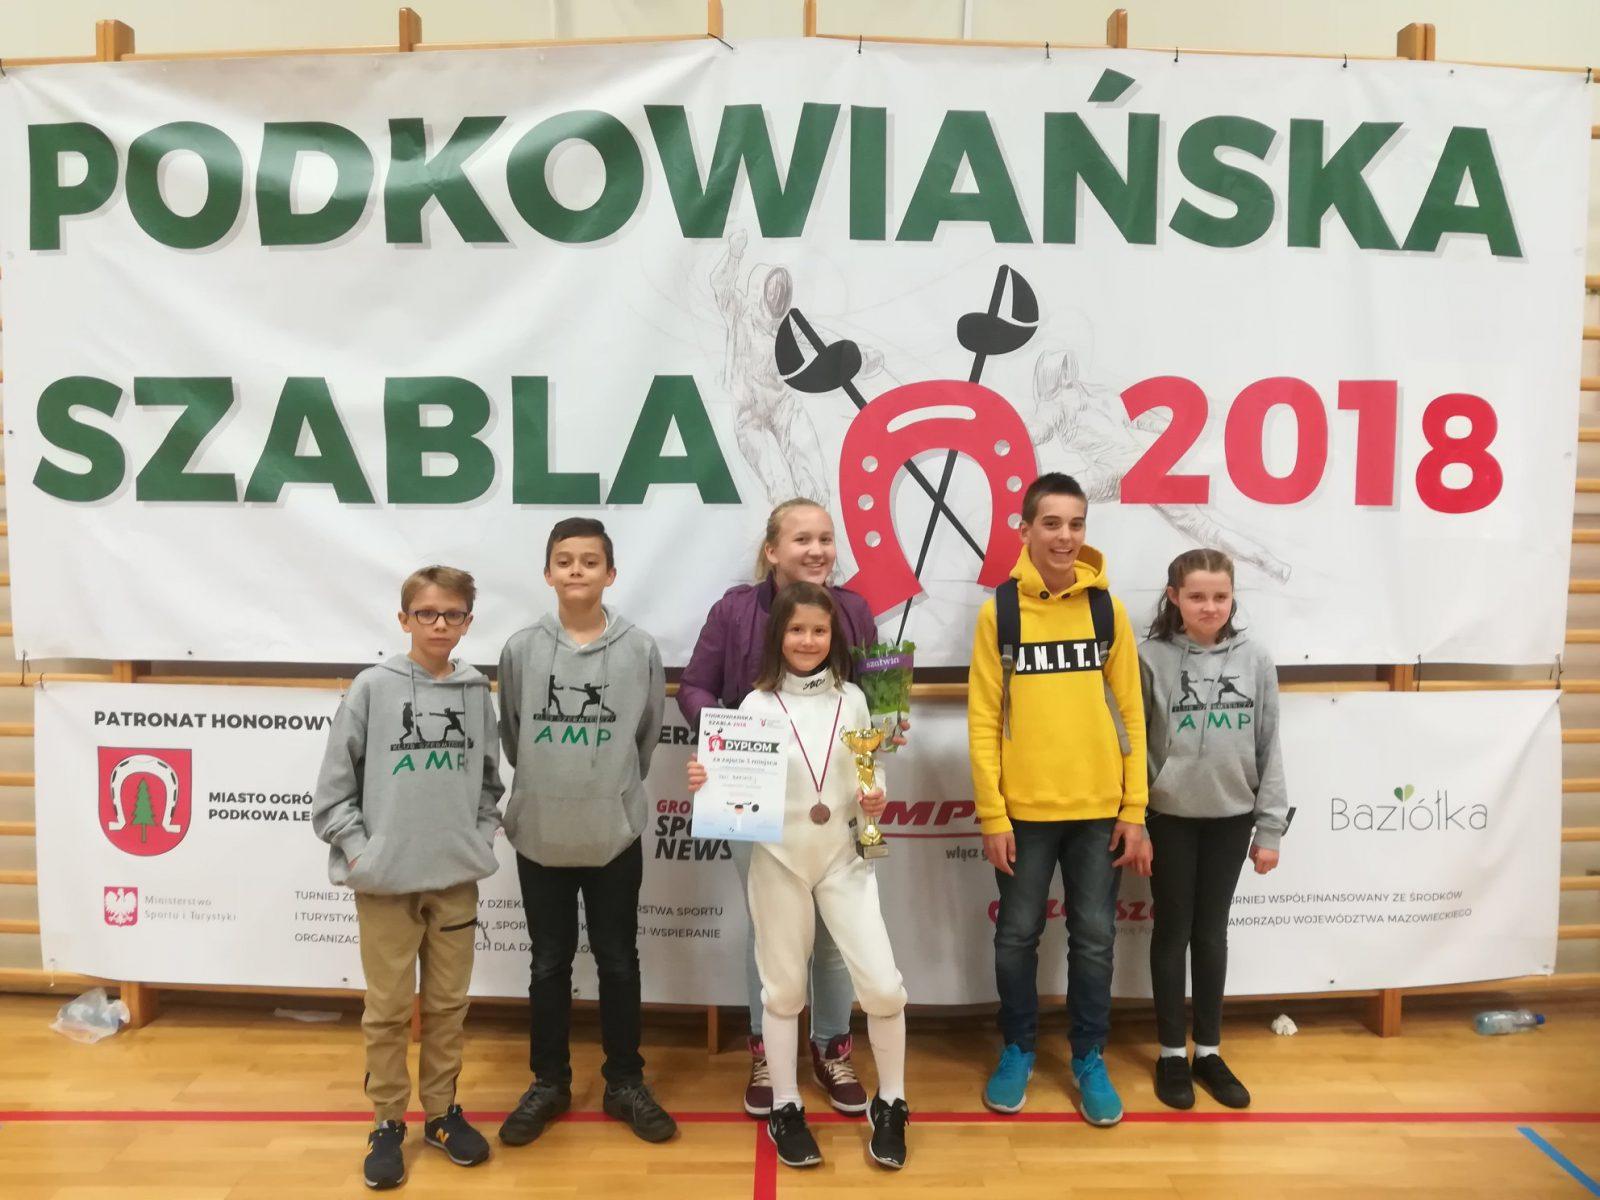 Podkowiańska Szabla 2018